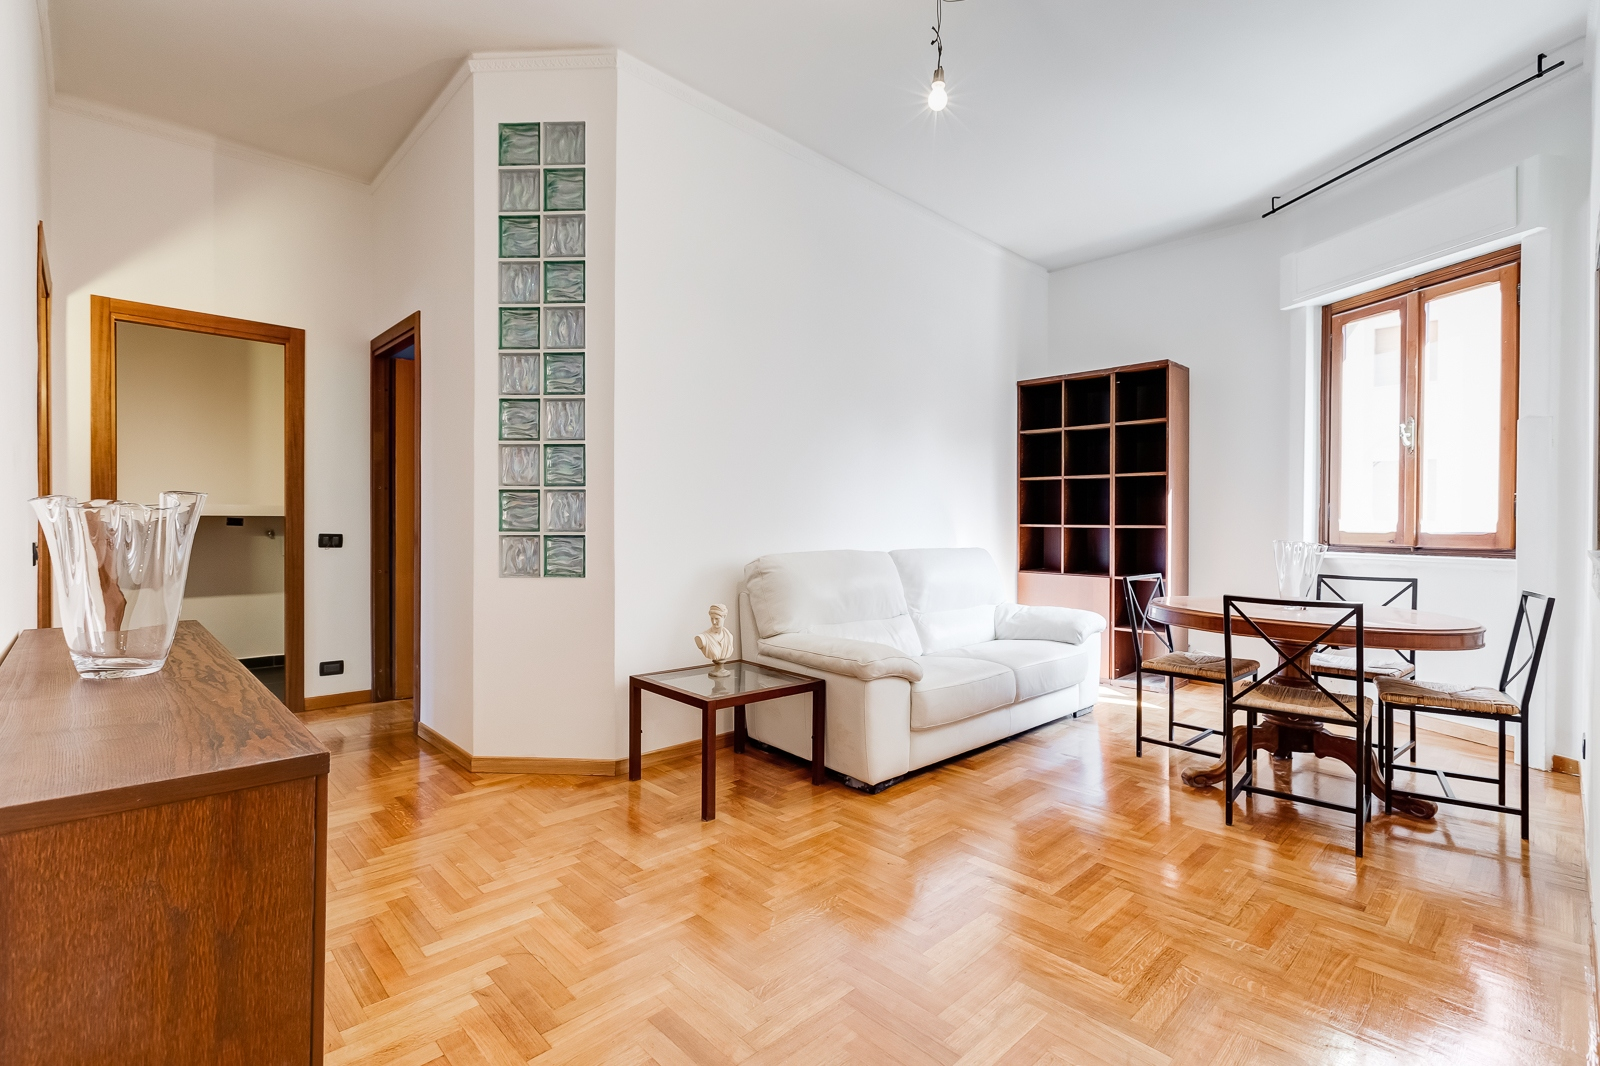 vendita appartamento roma s.giovanni  439000 euro  4 locali  110 mq